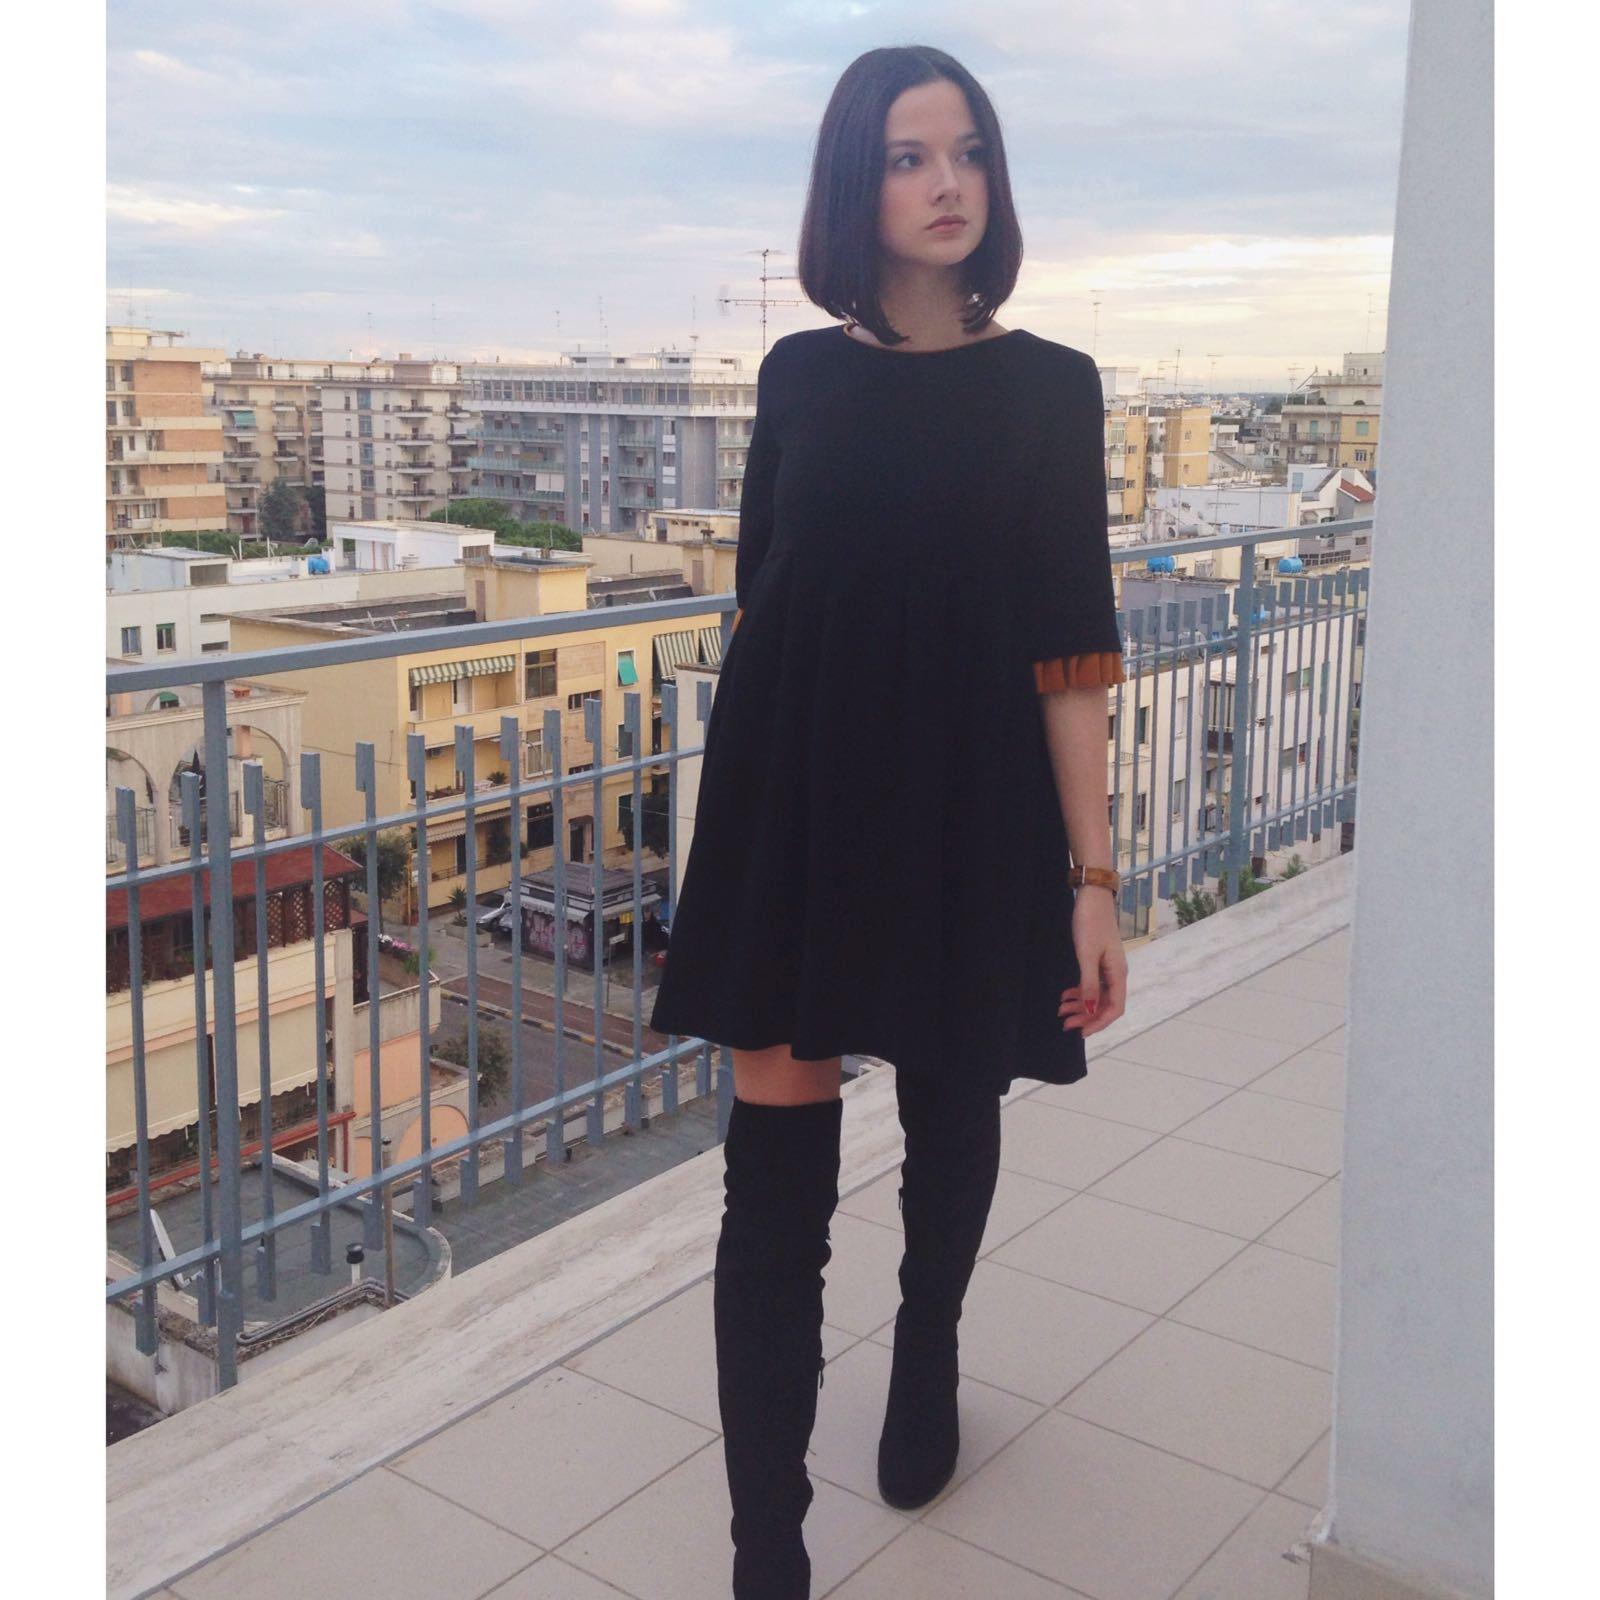 scelto questo outfit un vestito nero con degli stivali alti fino al  ginocchio, il vestito non è semplicemente nero ma alla fine delle maniche  presenta